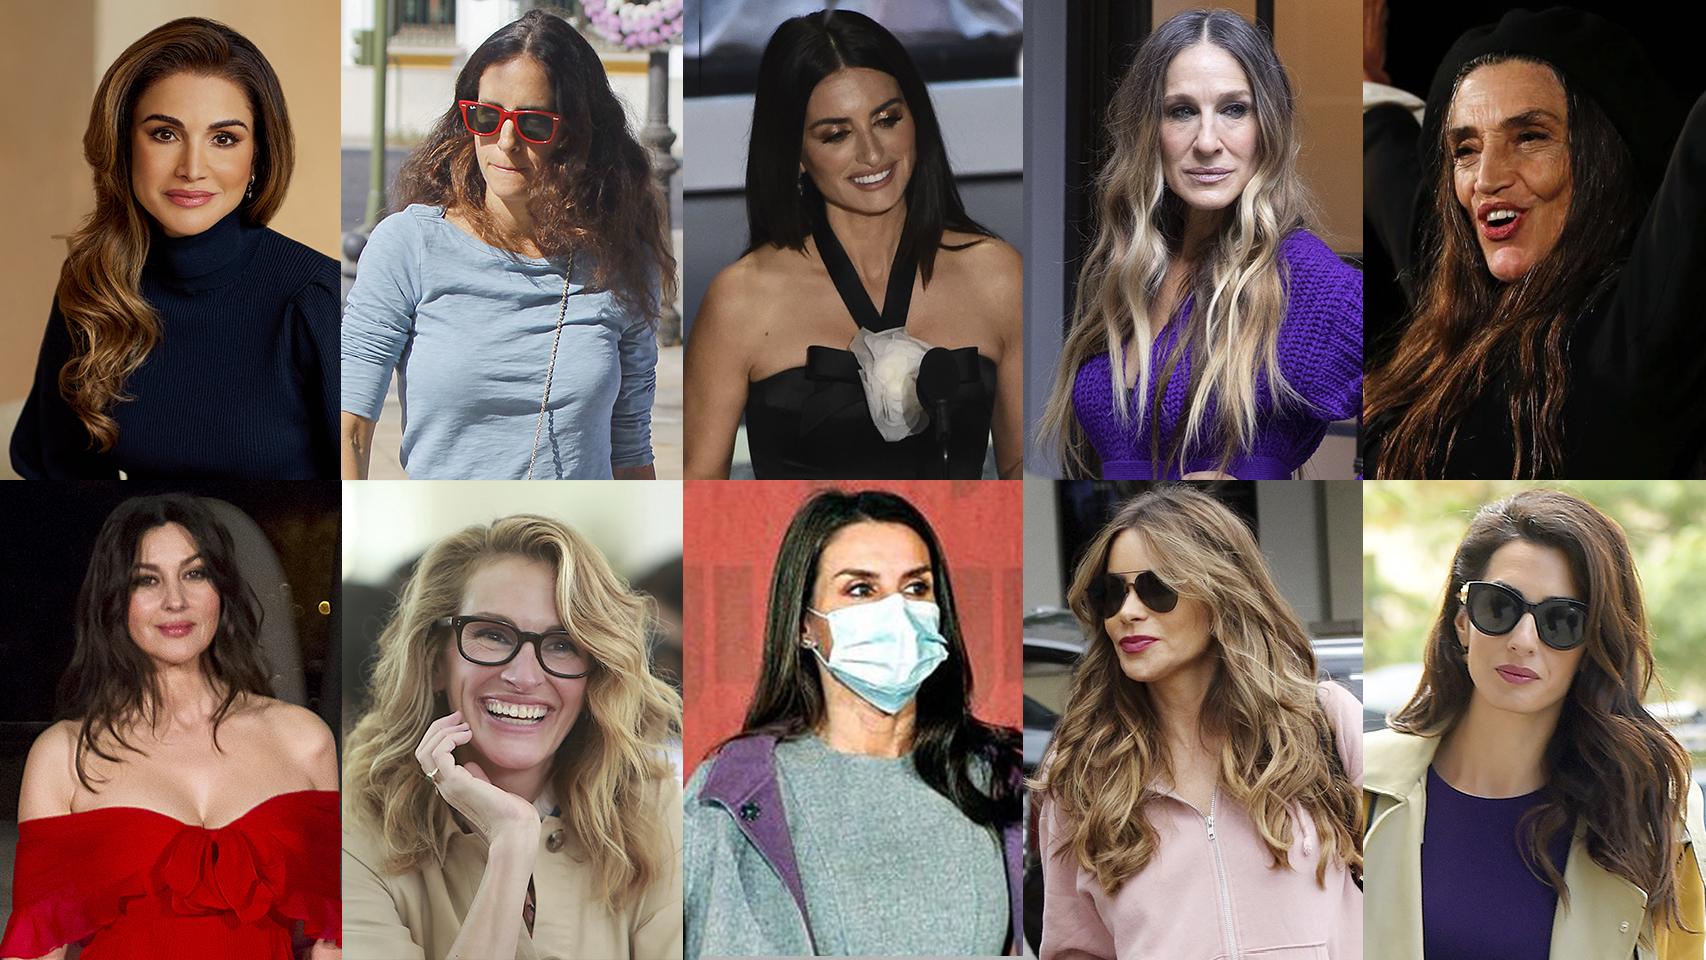 De la reina Letizia a su propia hija: 10 mujeres sin clase para Carolina Herrera por llevar el pelo largo